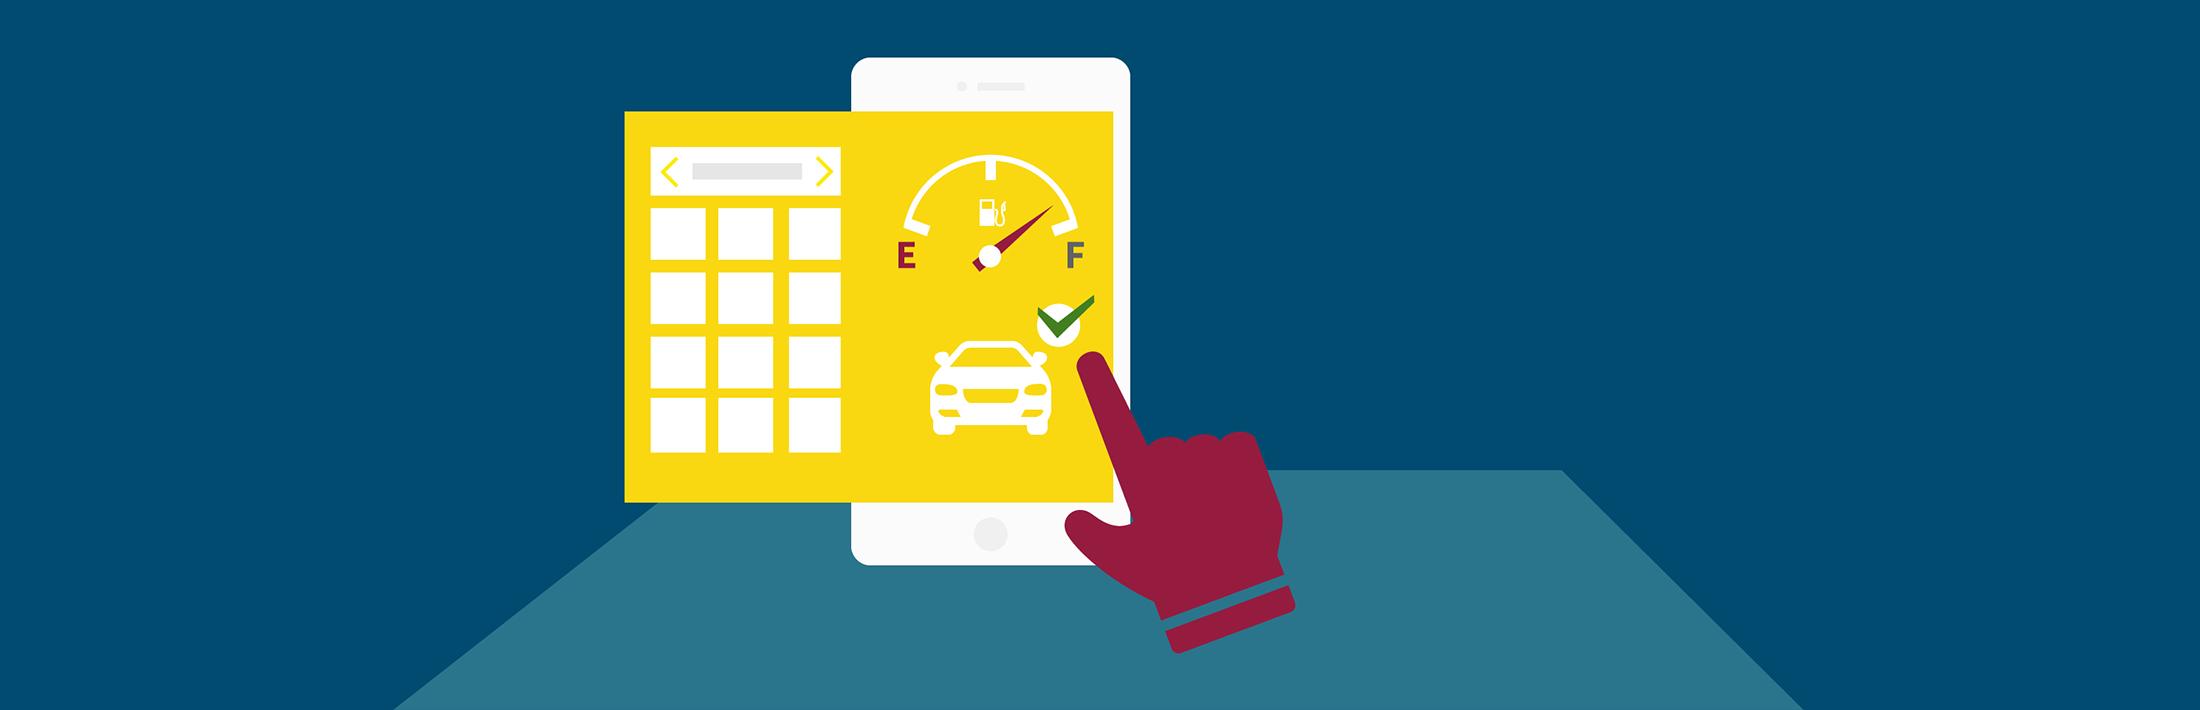 Aplicatia sharetoo iti arata toate rezervarile si detaliile despre masina.